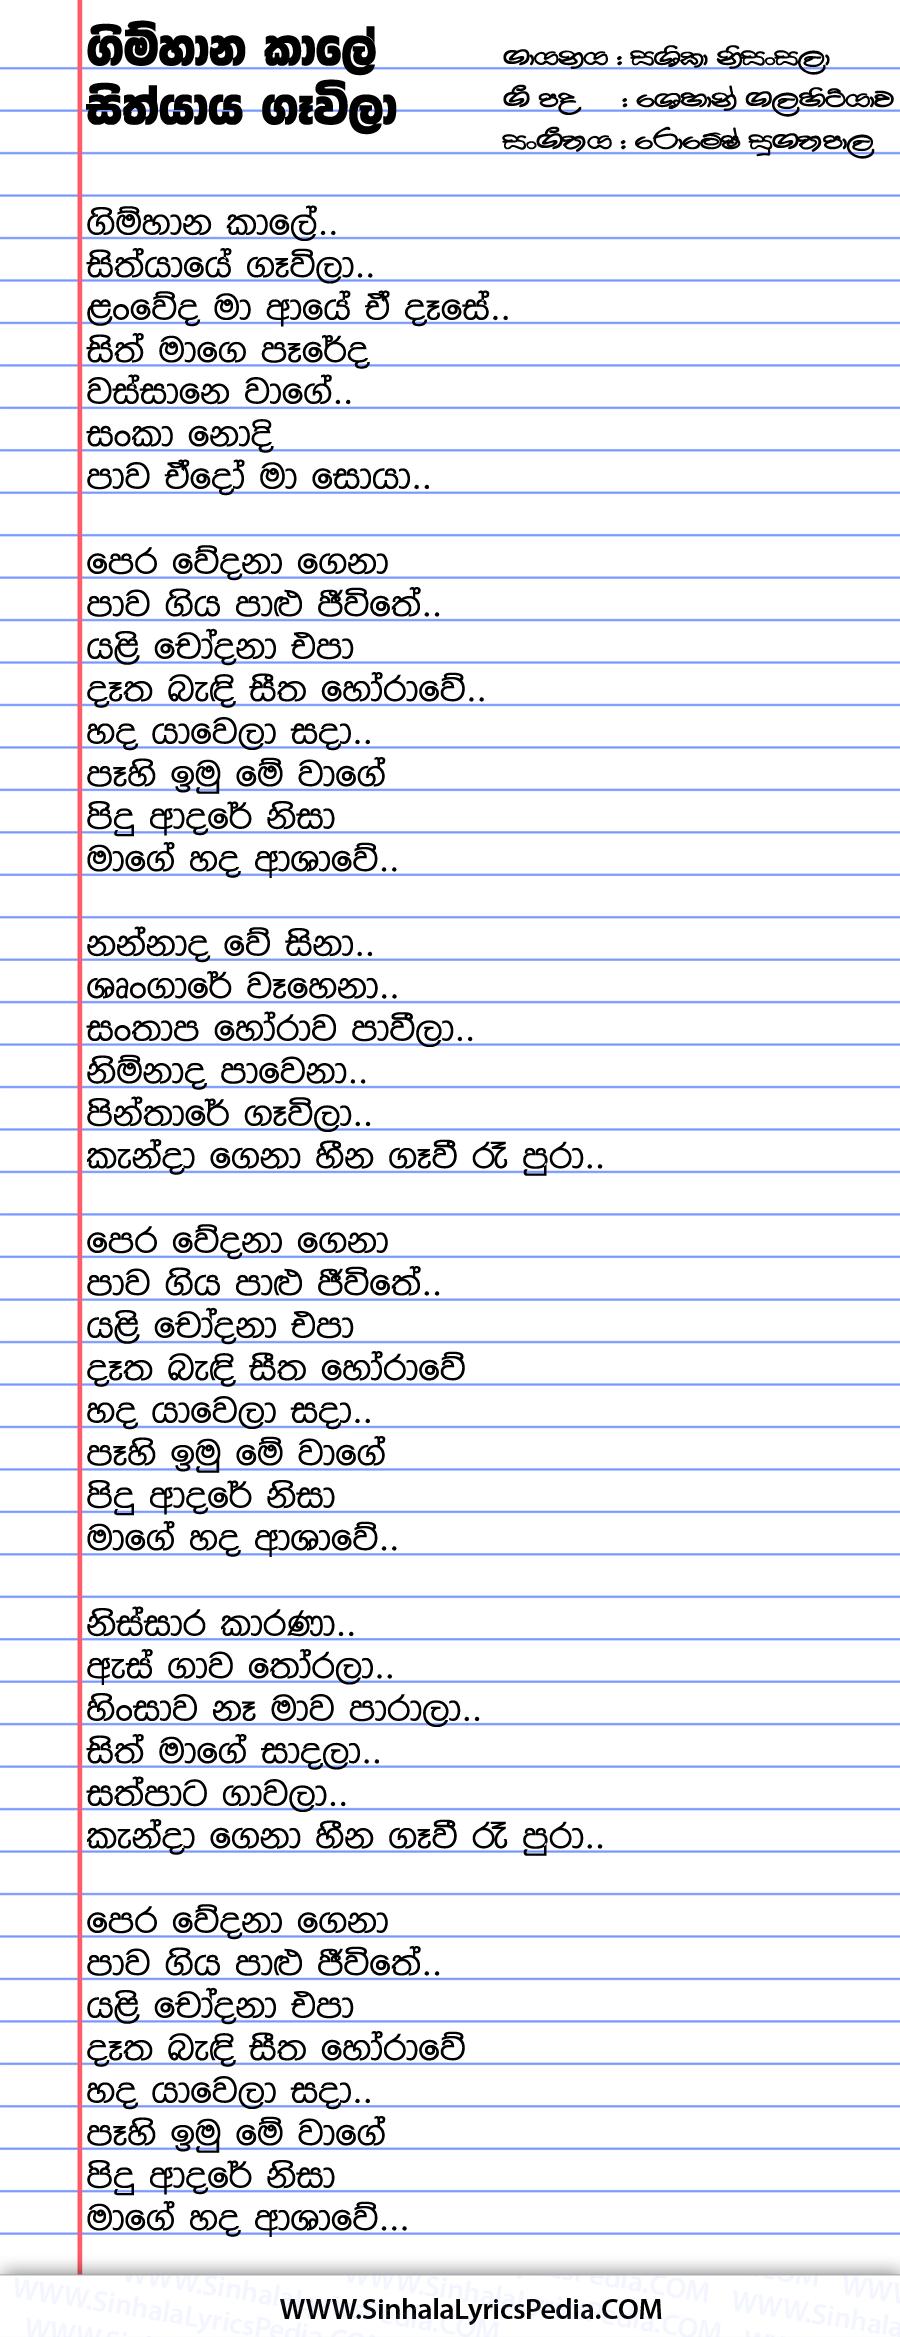 Gimhana Kale Sith Yaya Gawila Song Lyrics